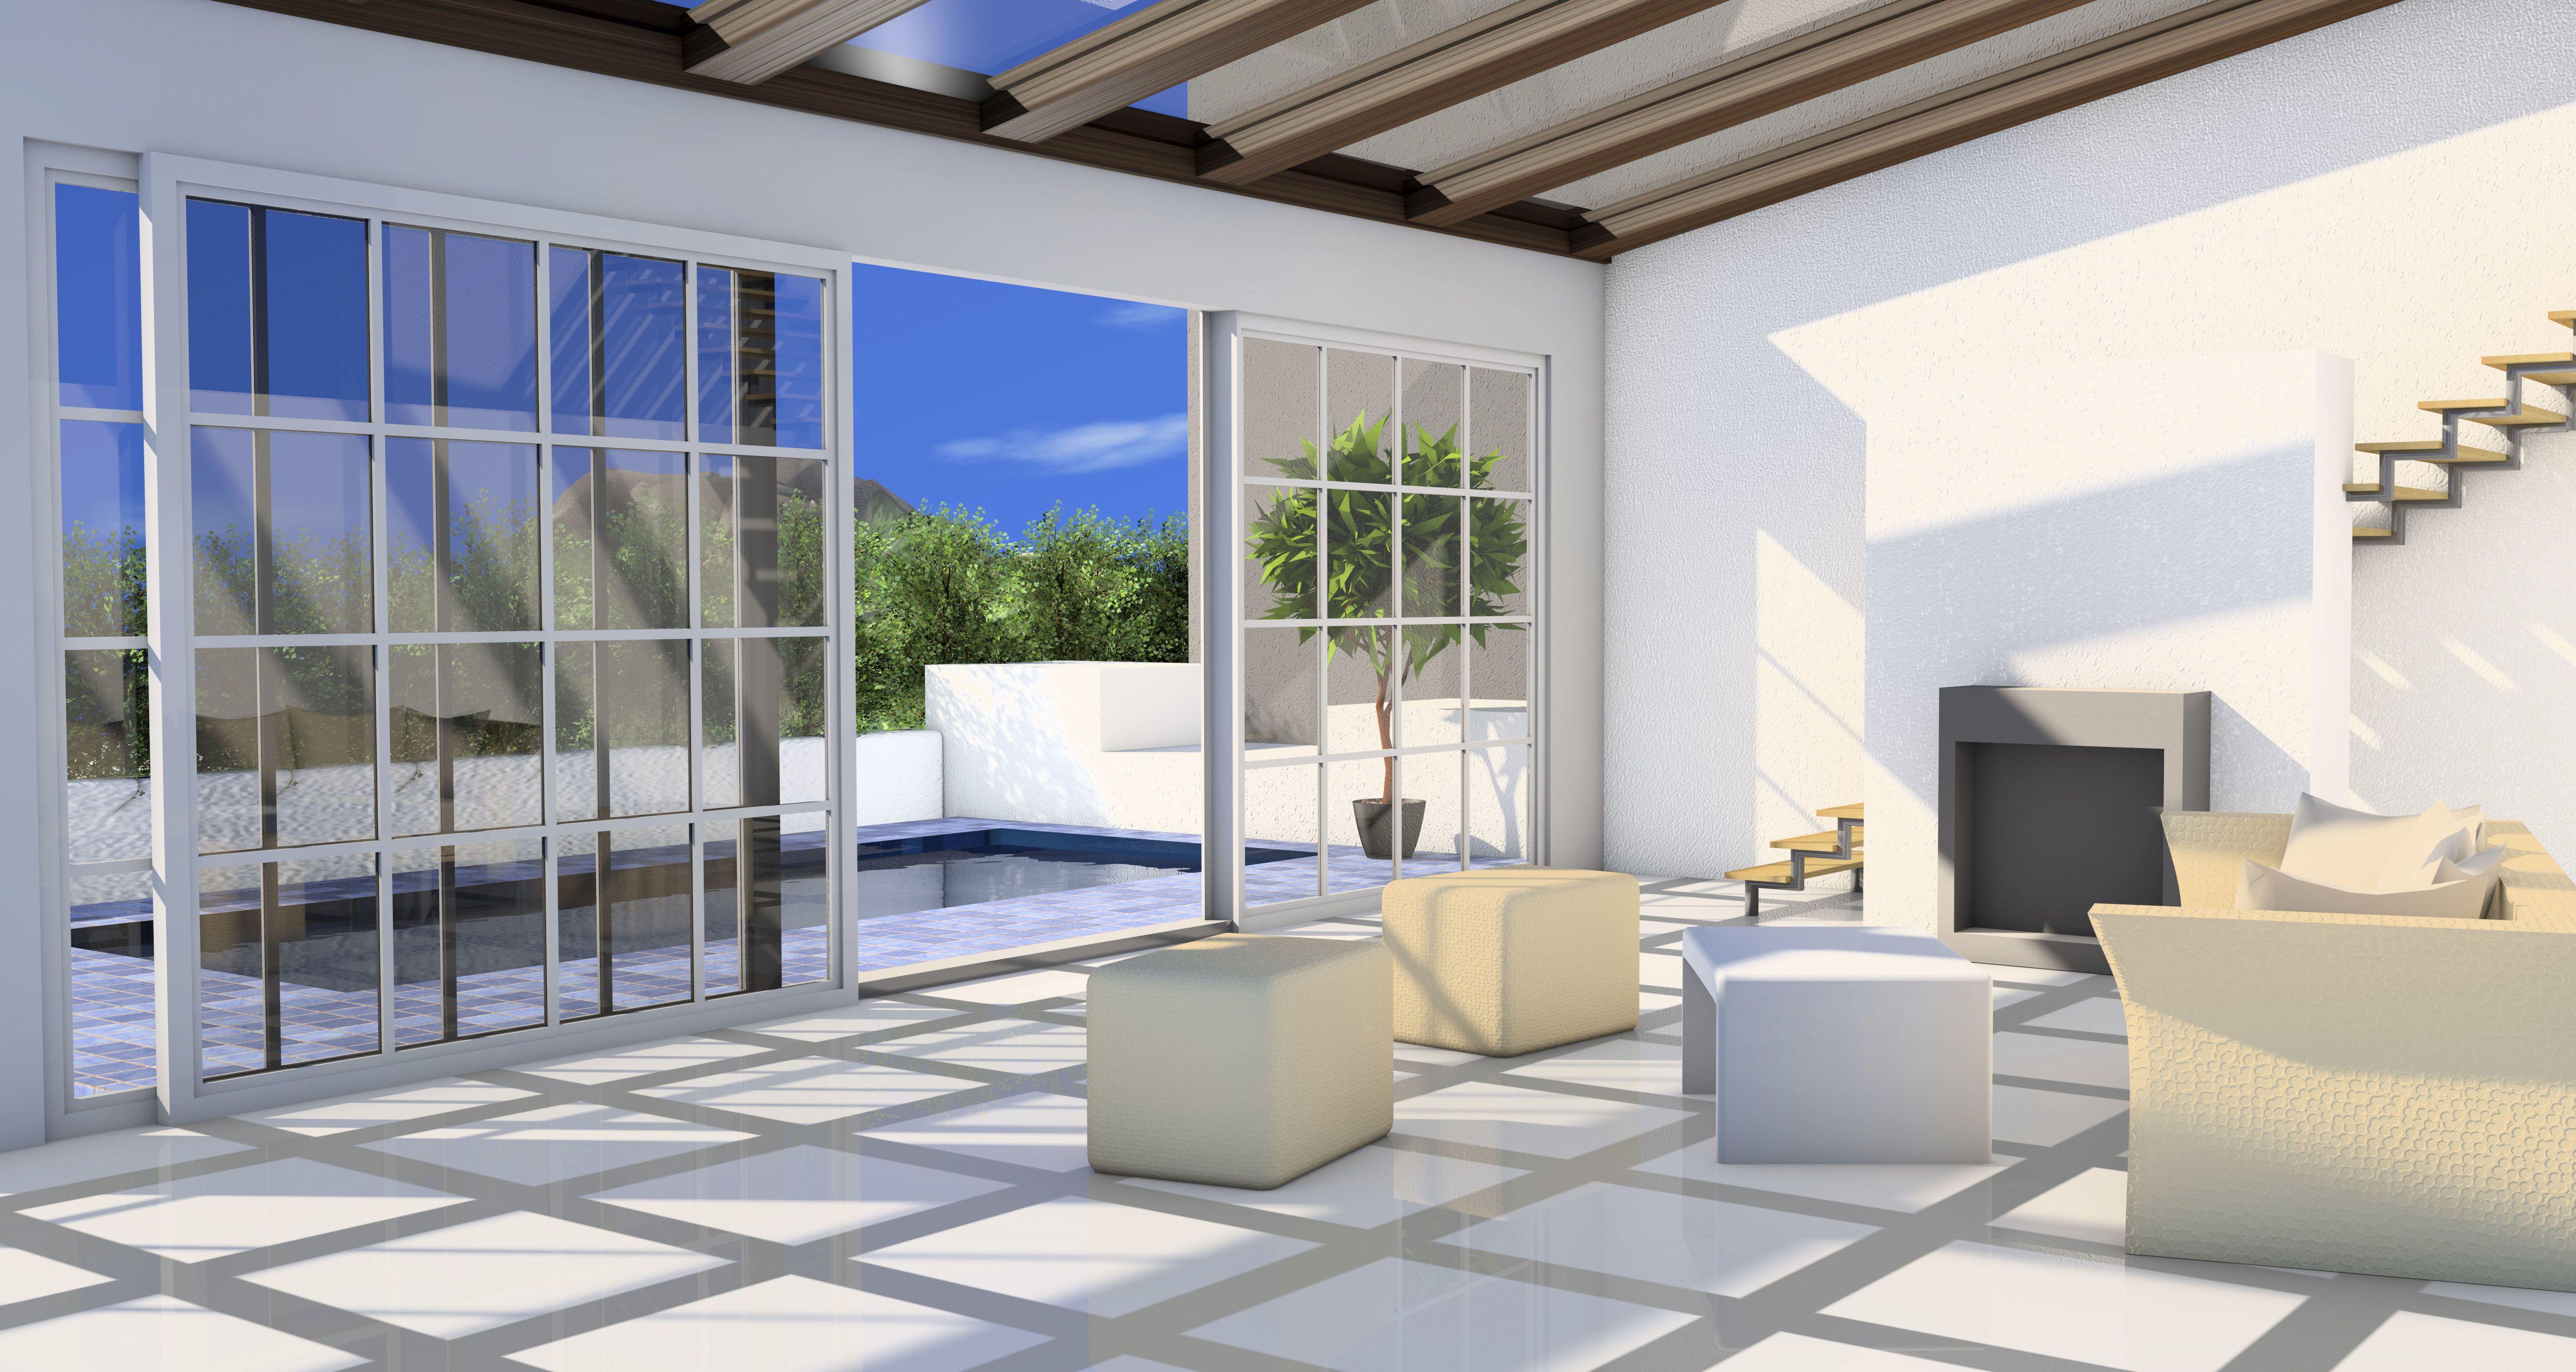 De terrazas precios awesome barandillas de hierro forjado for Precios de toldos para terrazas